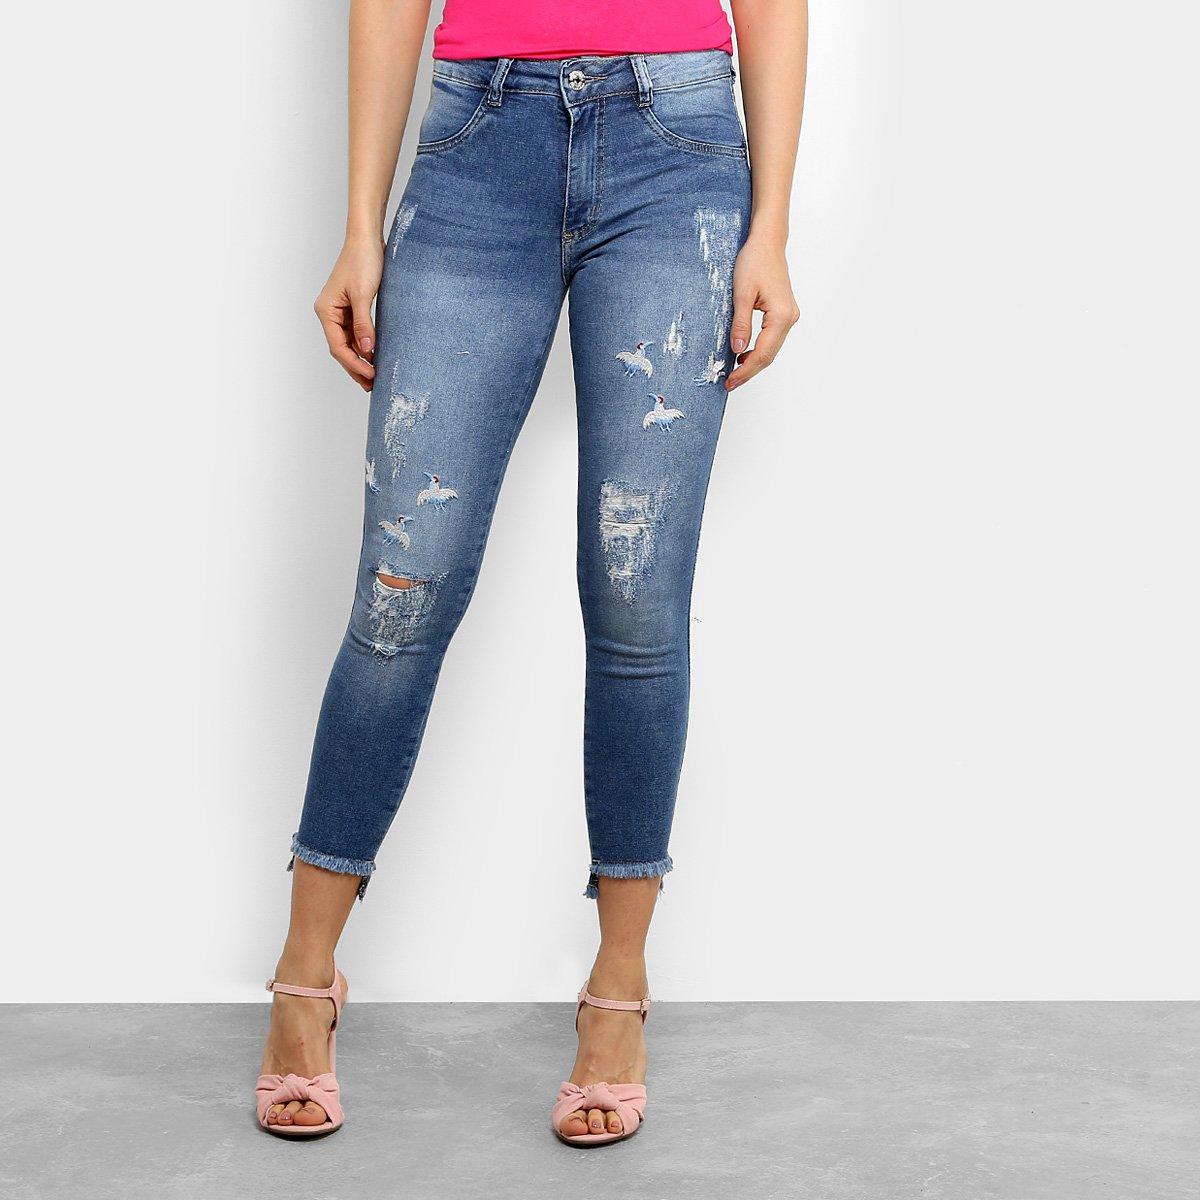 Calça Jeans Skinny Biotipo Cigarrete Bordado Cintura Média Feminina - Jeans  - Compre Agora  fe24656c293